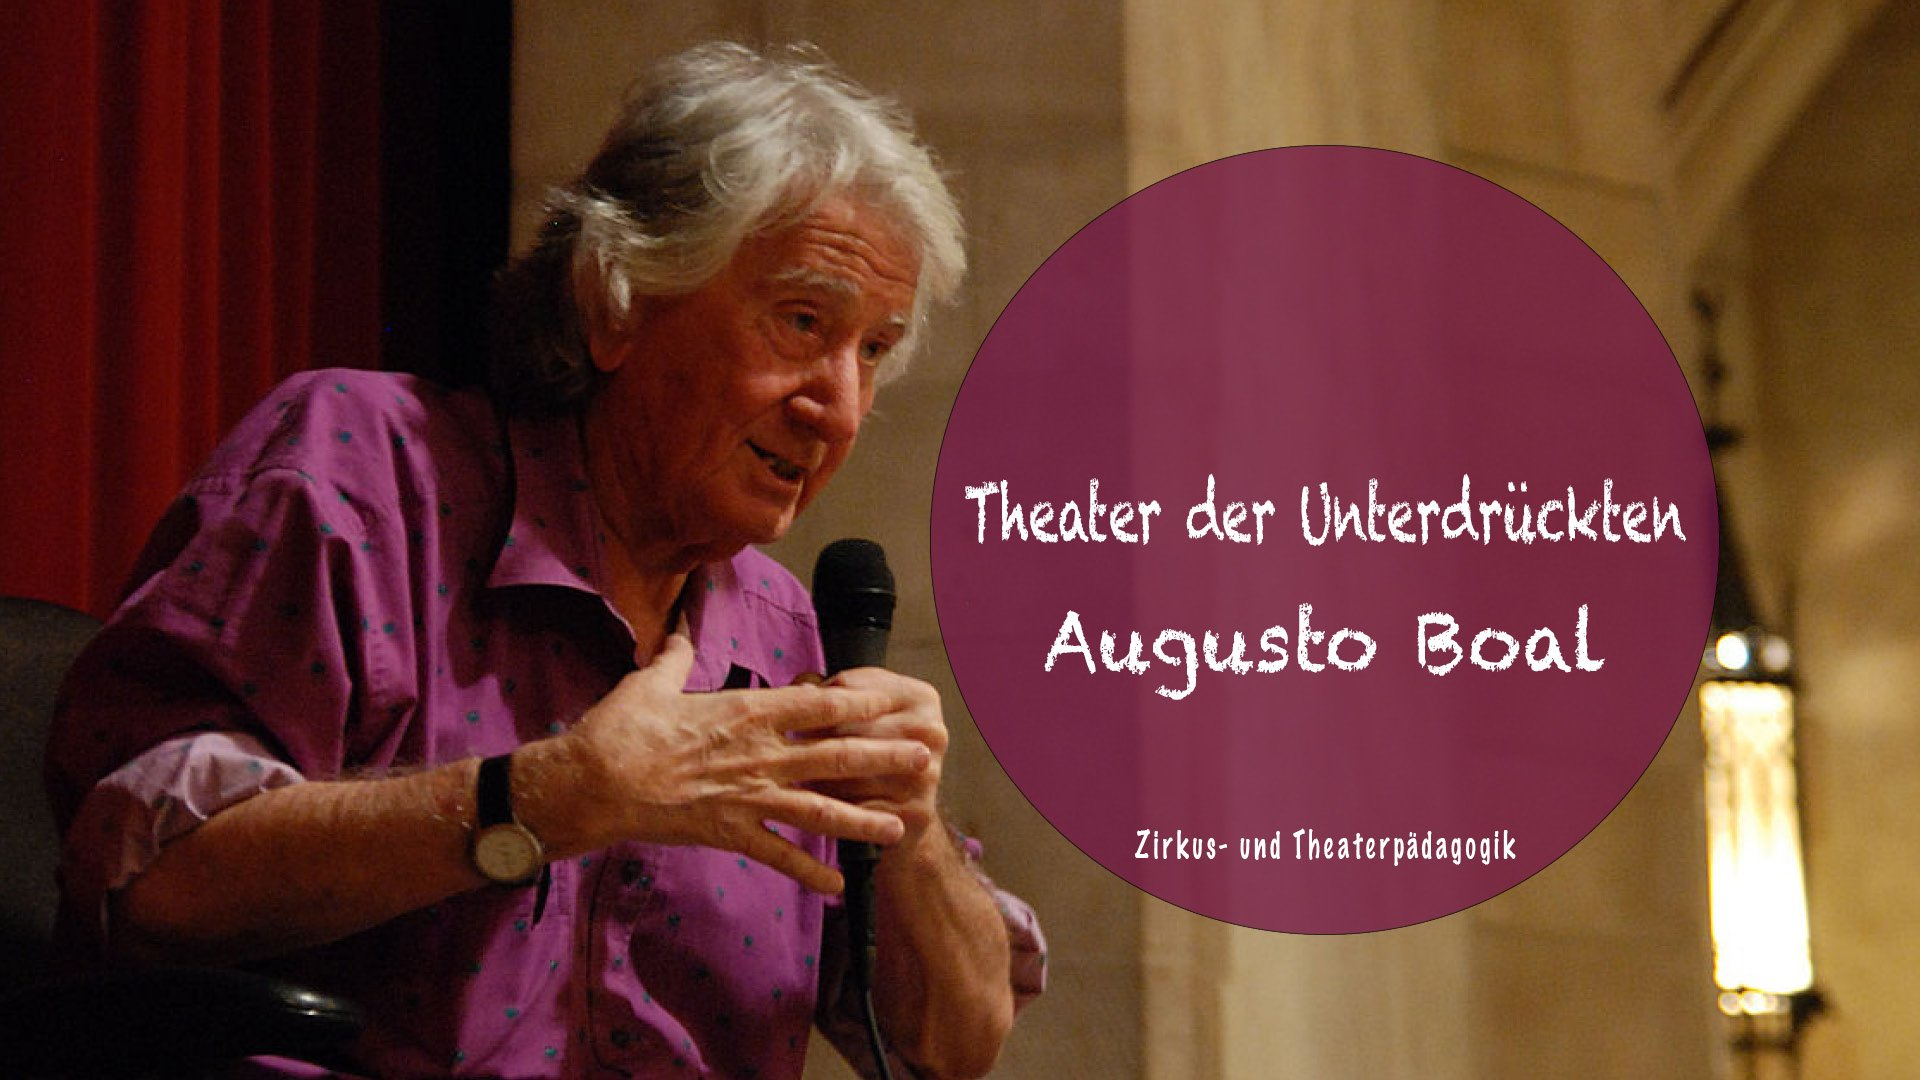 Augusto Boal und das Theater der Unterdrückten